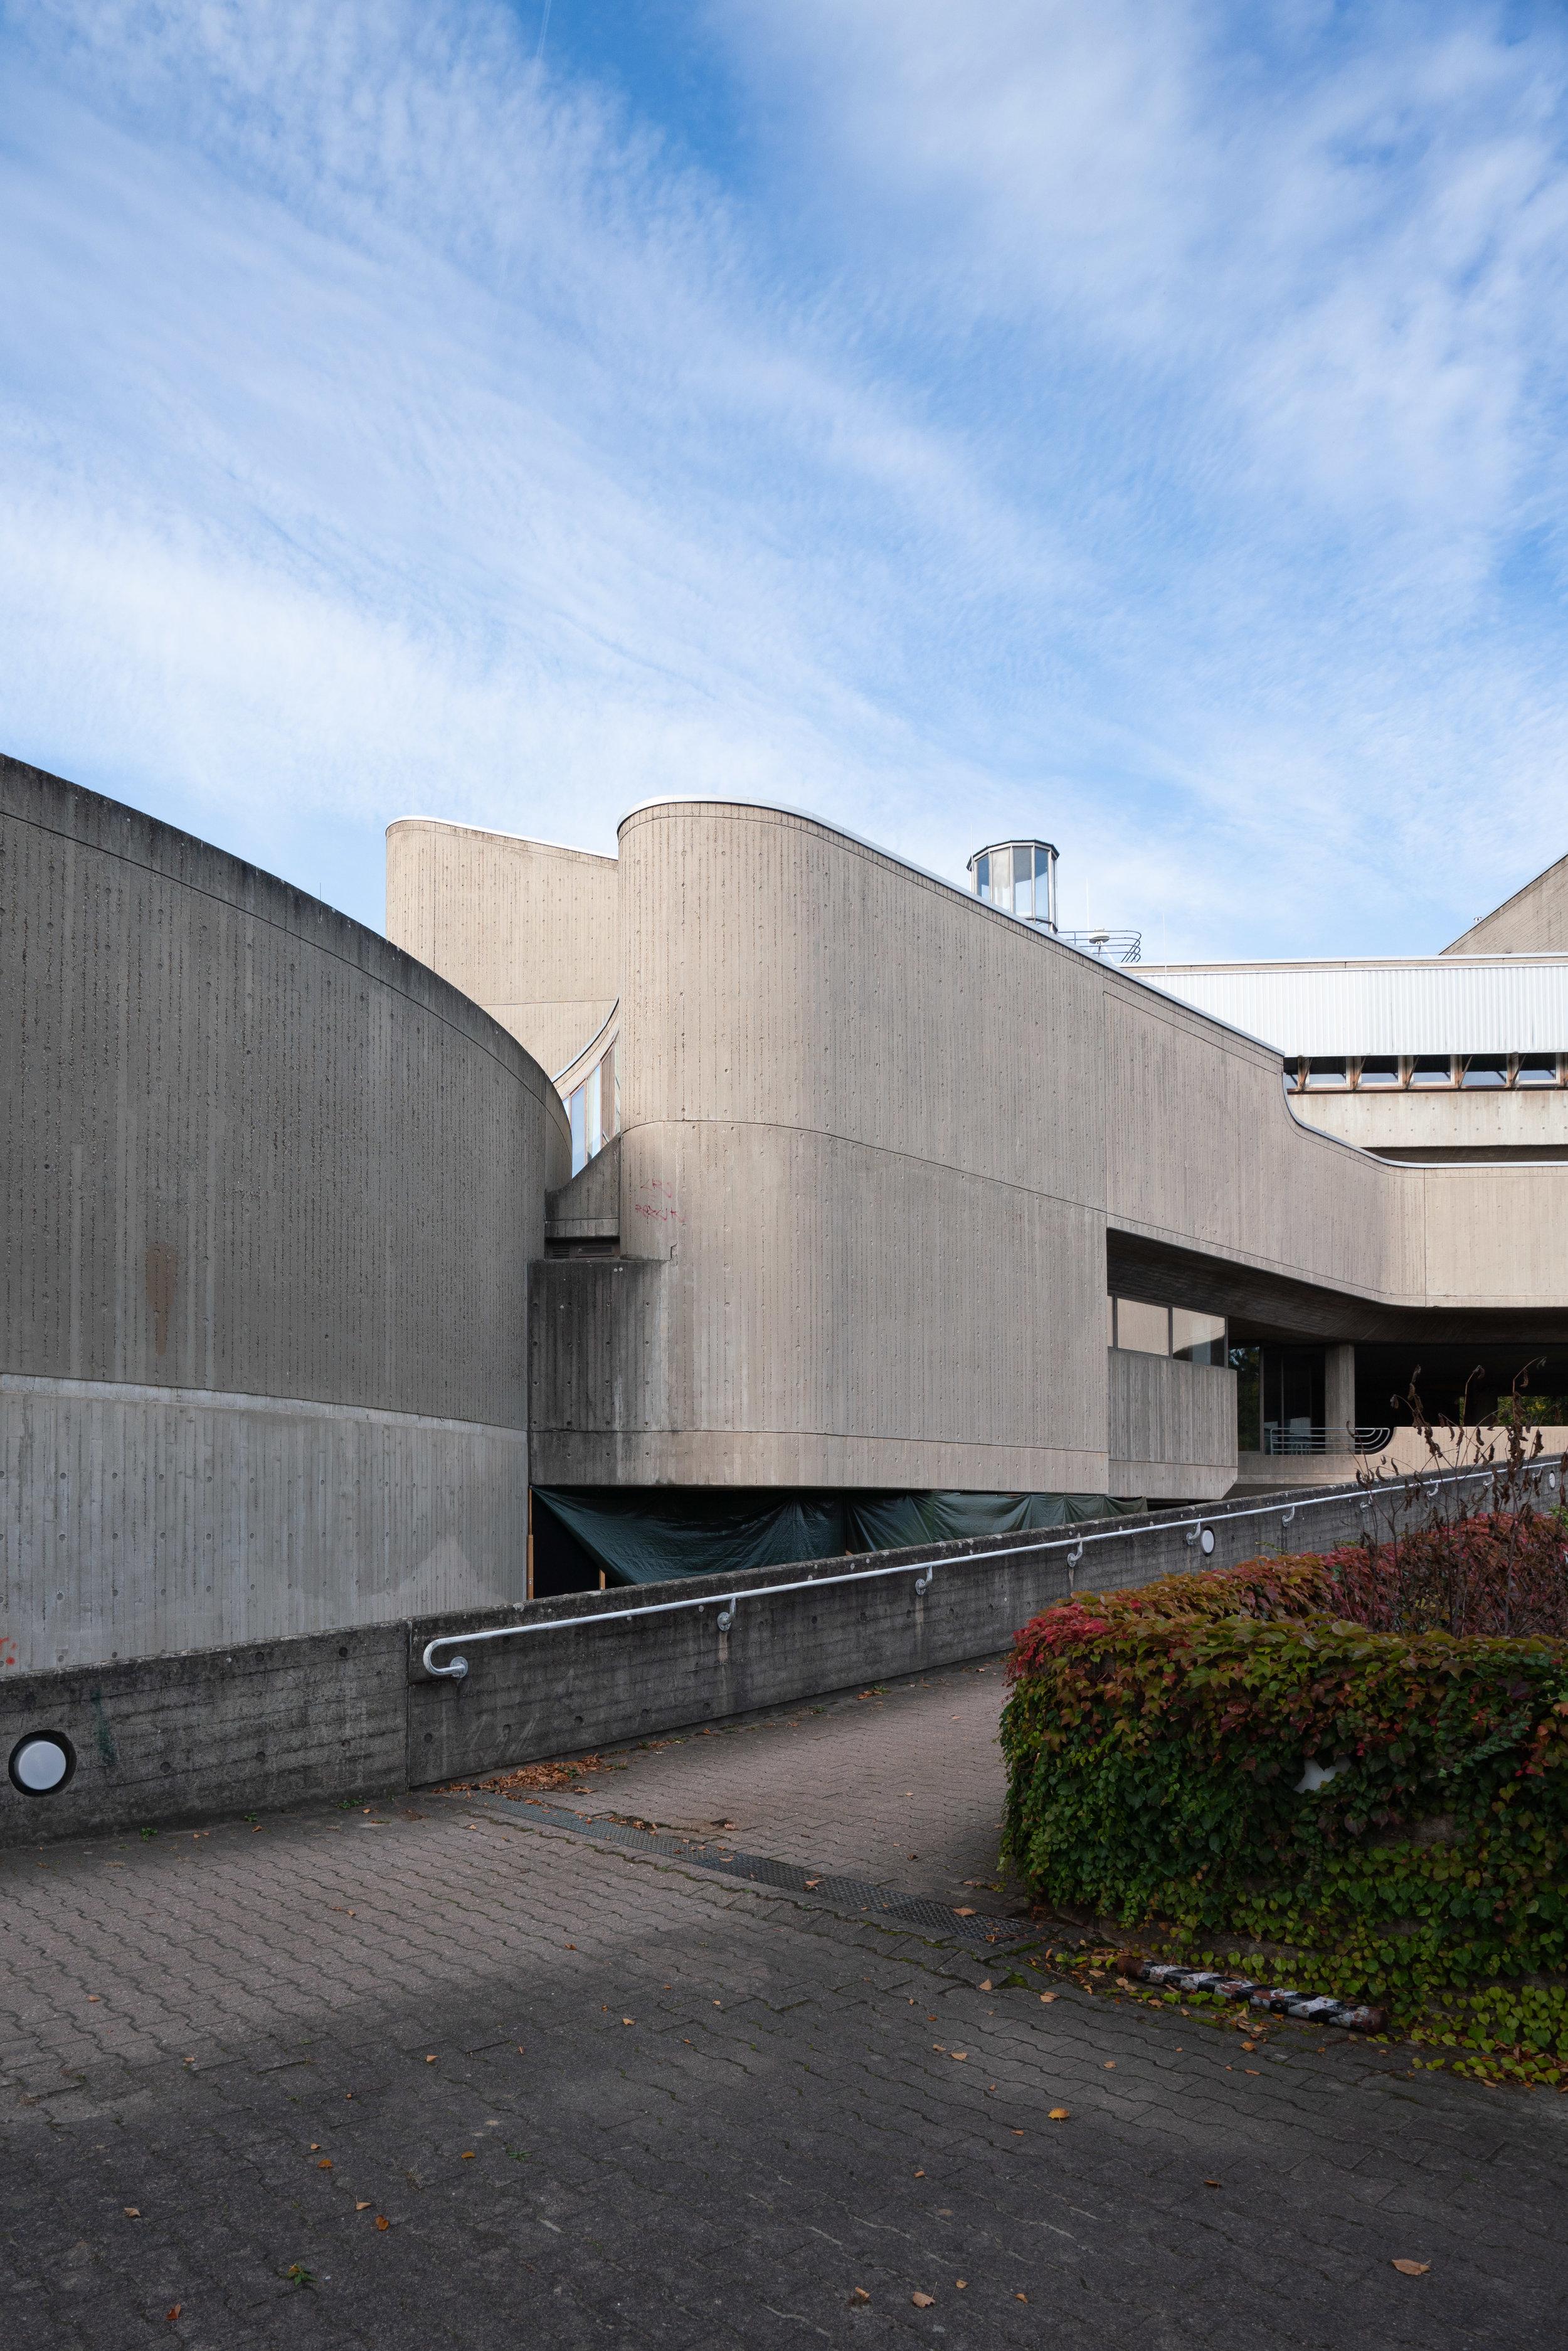 181006_Fehling+Gogel, Institut für Hygiene und Umweltmedizin_03.jpg